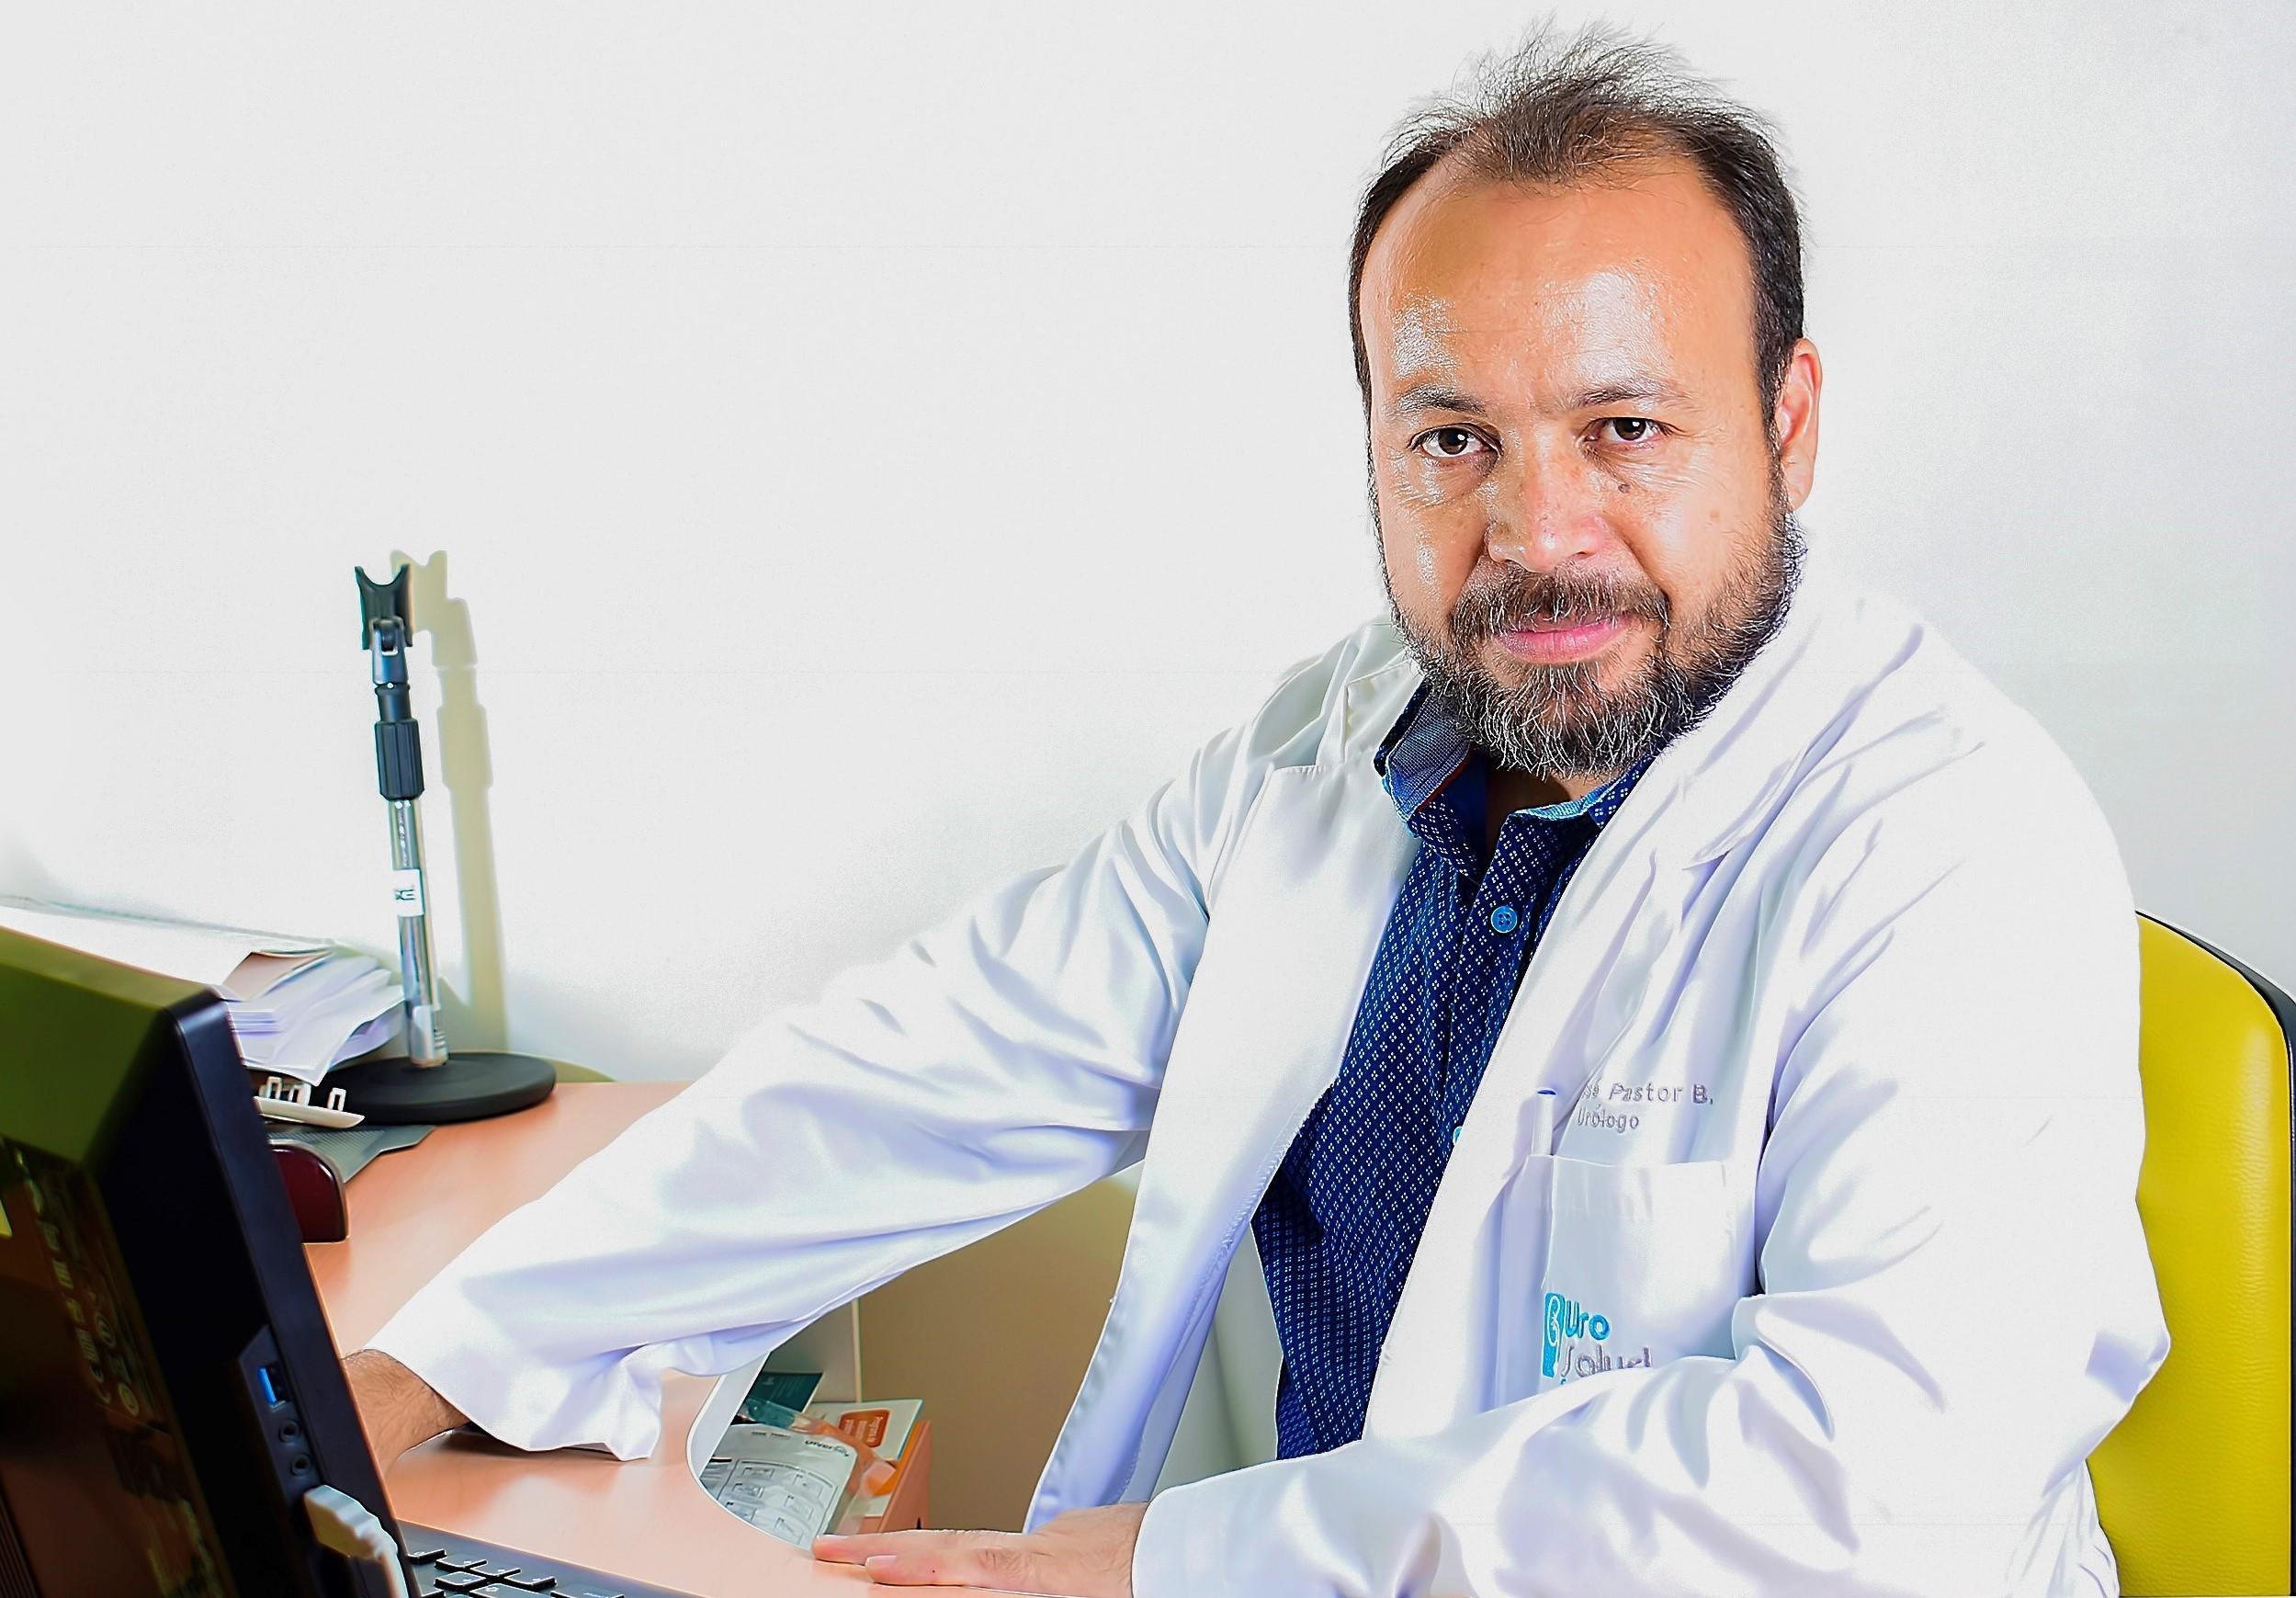 Especialista: José Pastor Berengue